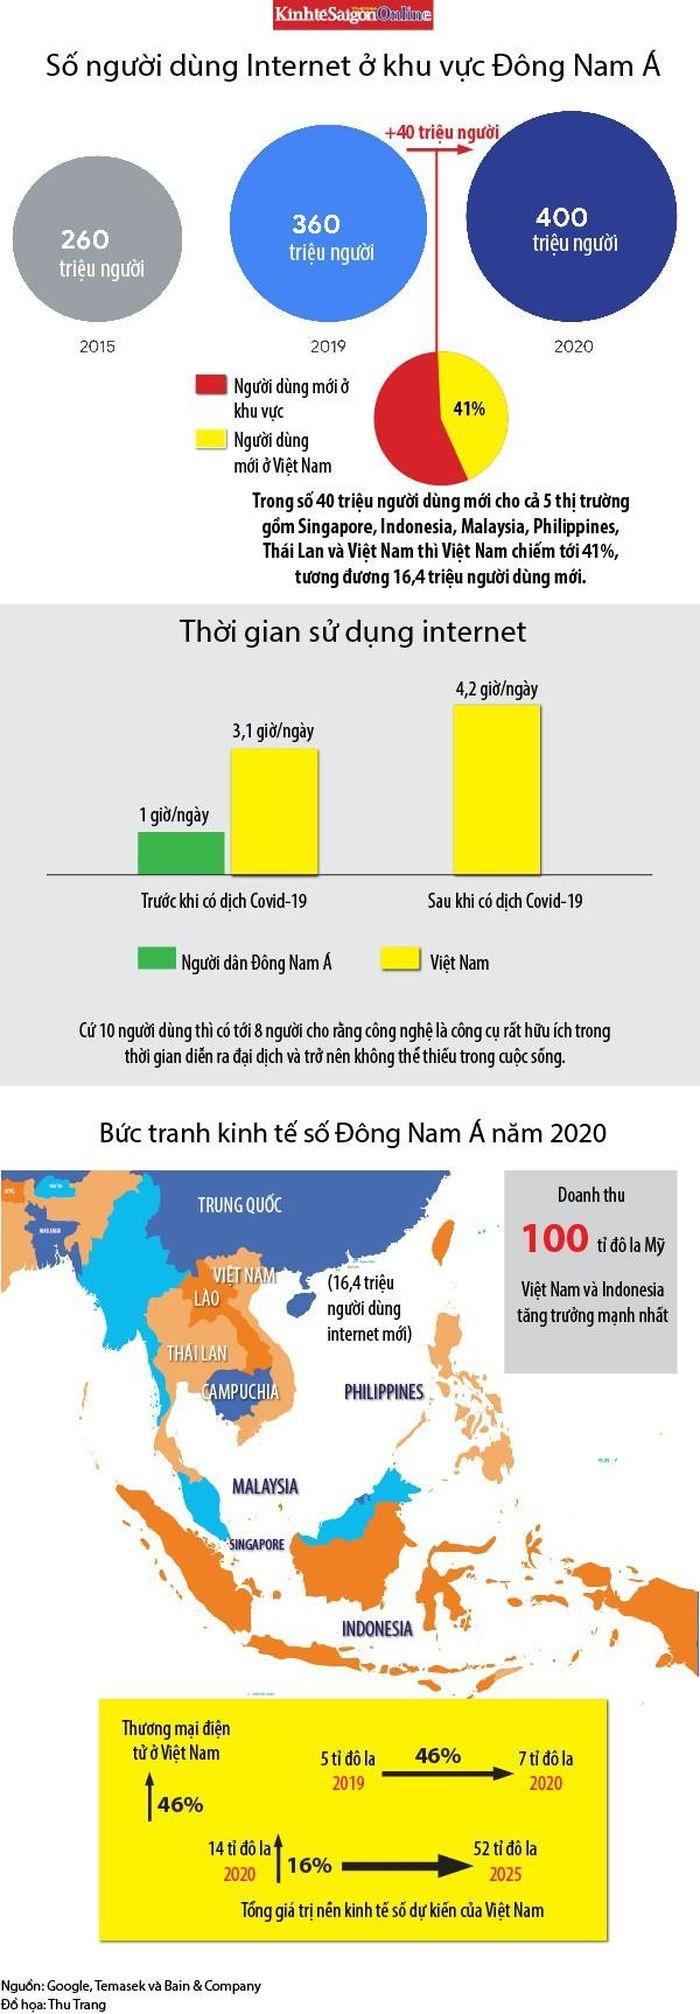 Mảng sáng Việt Nam trong bức tranh kinh tế số Đông Nam Á